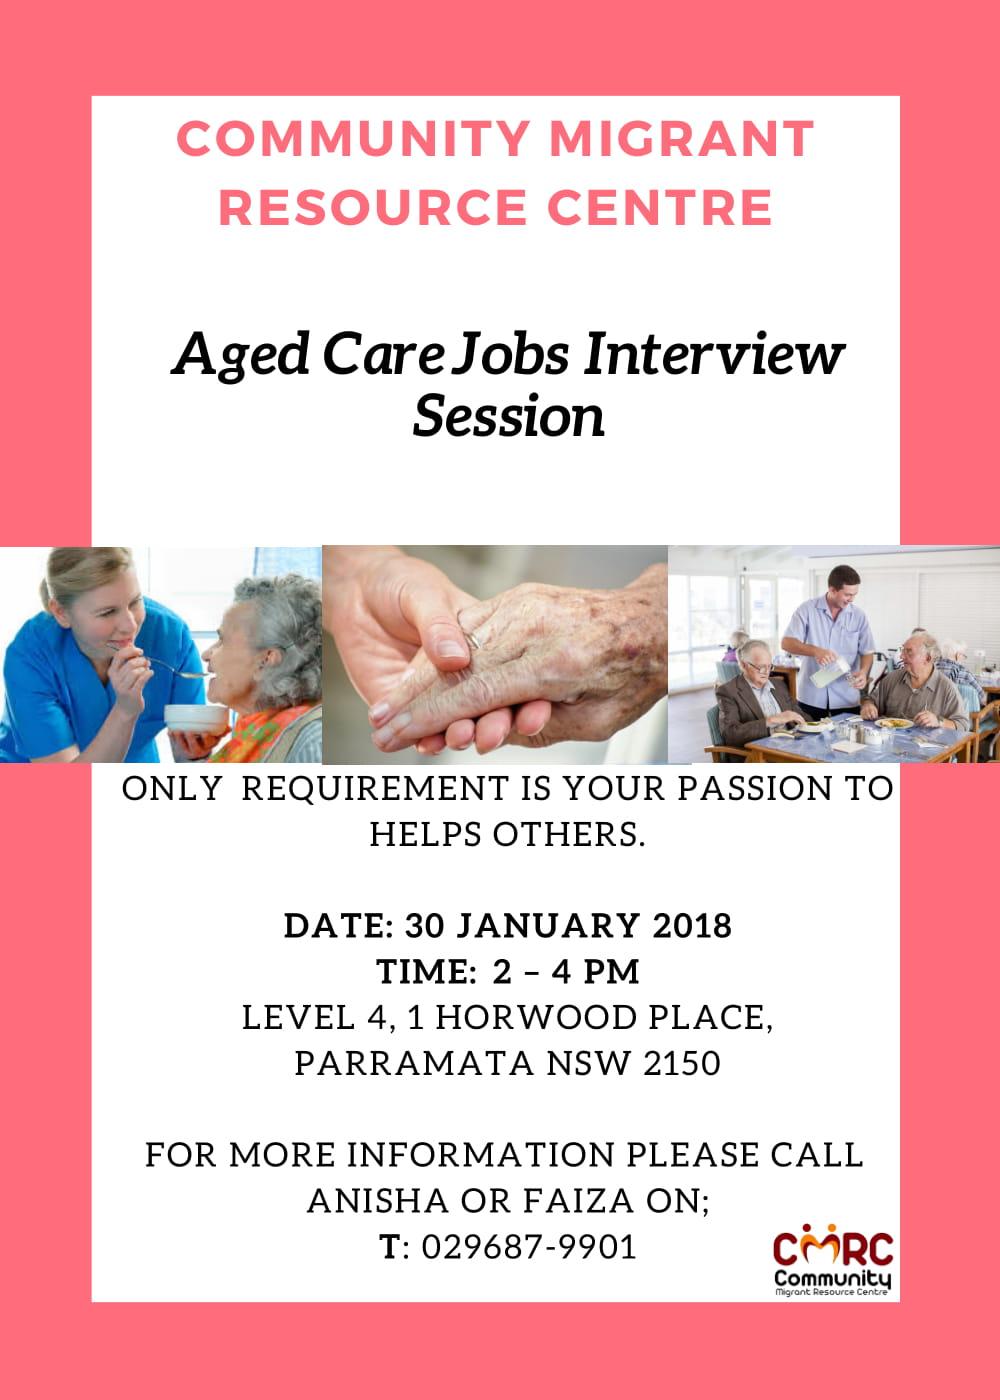 Agedcare.Assist.interview.flyer-1.jpg